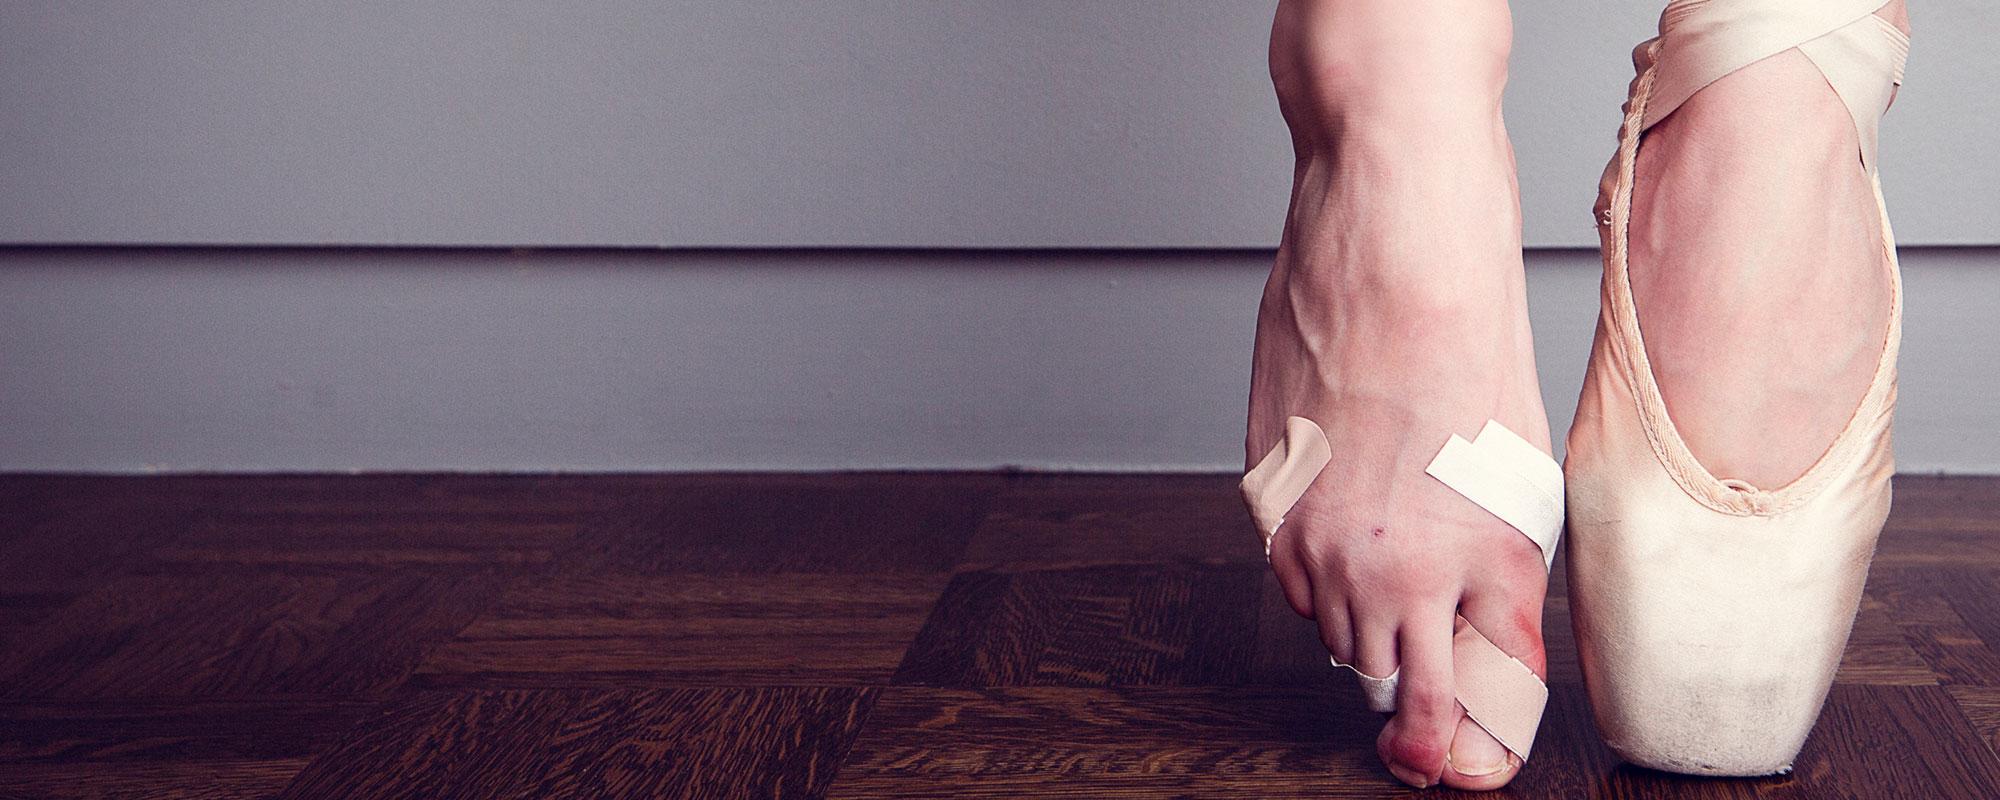 Douleurs aux pieds? Consultez un podiatre